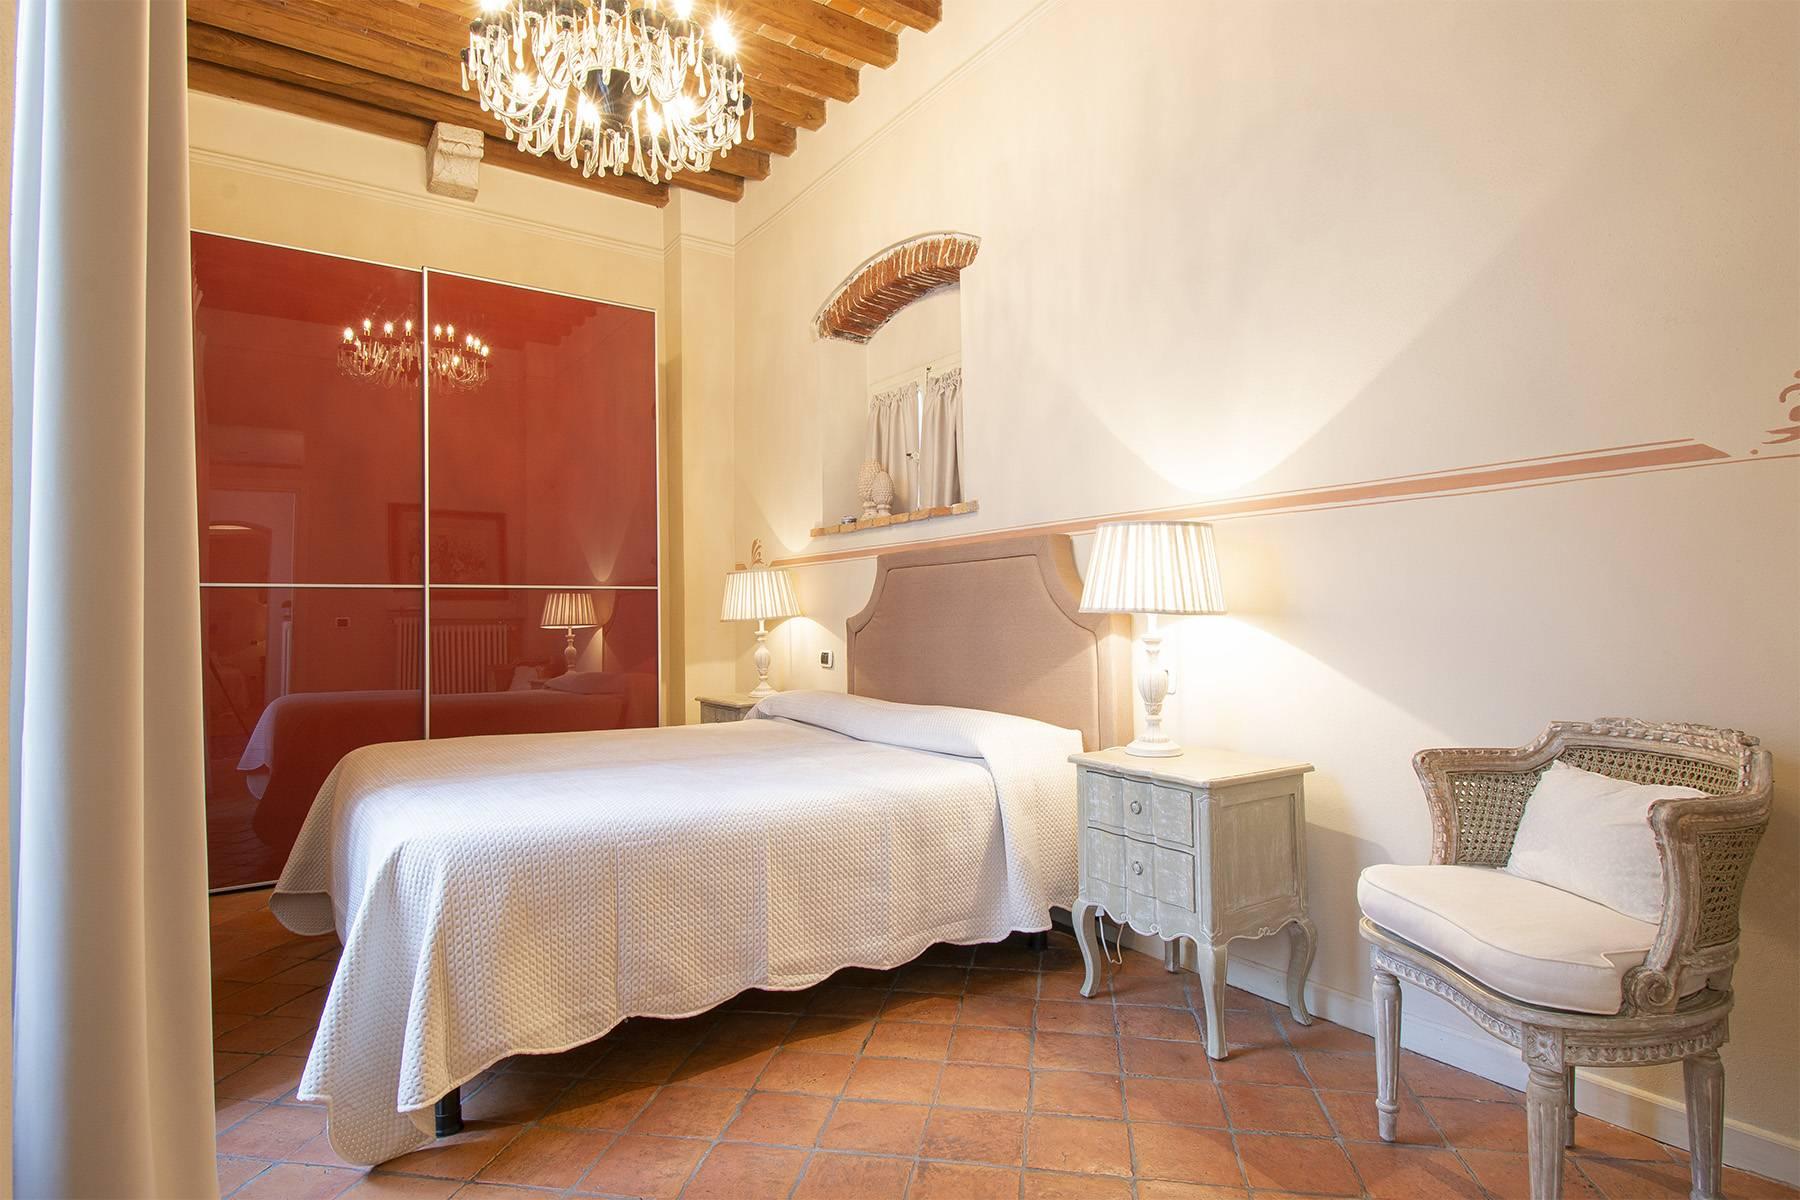 Appartamento in Vendita a Lucca: 5 locali, 77 mq - Foto 7